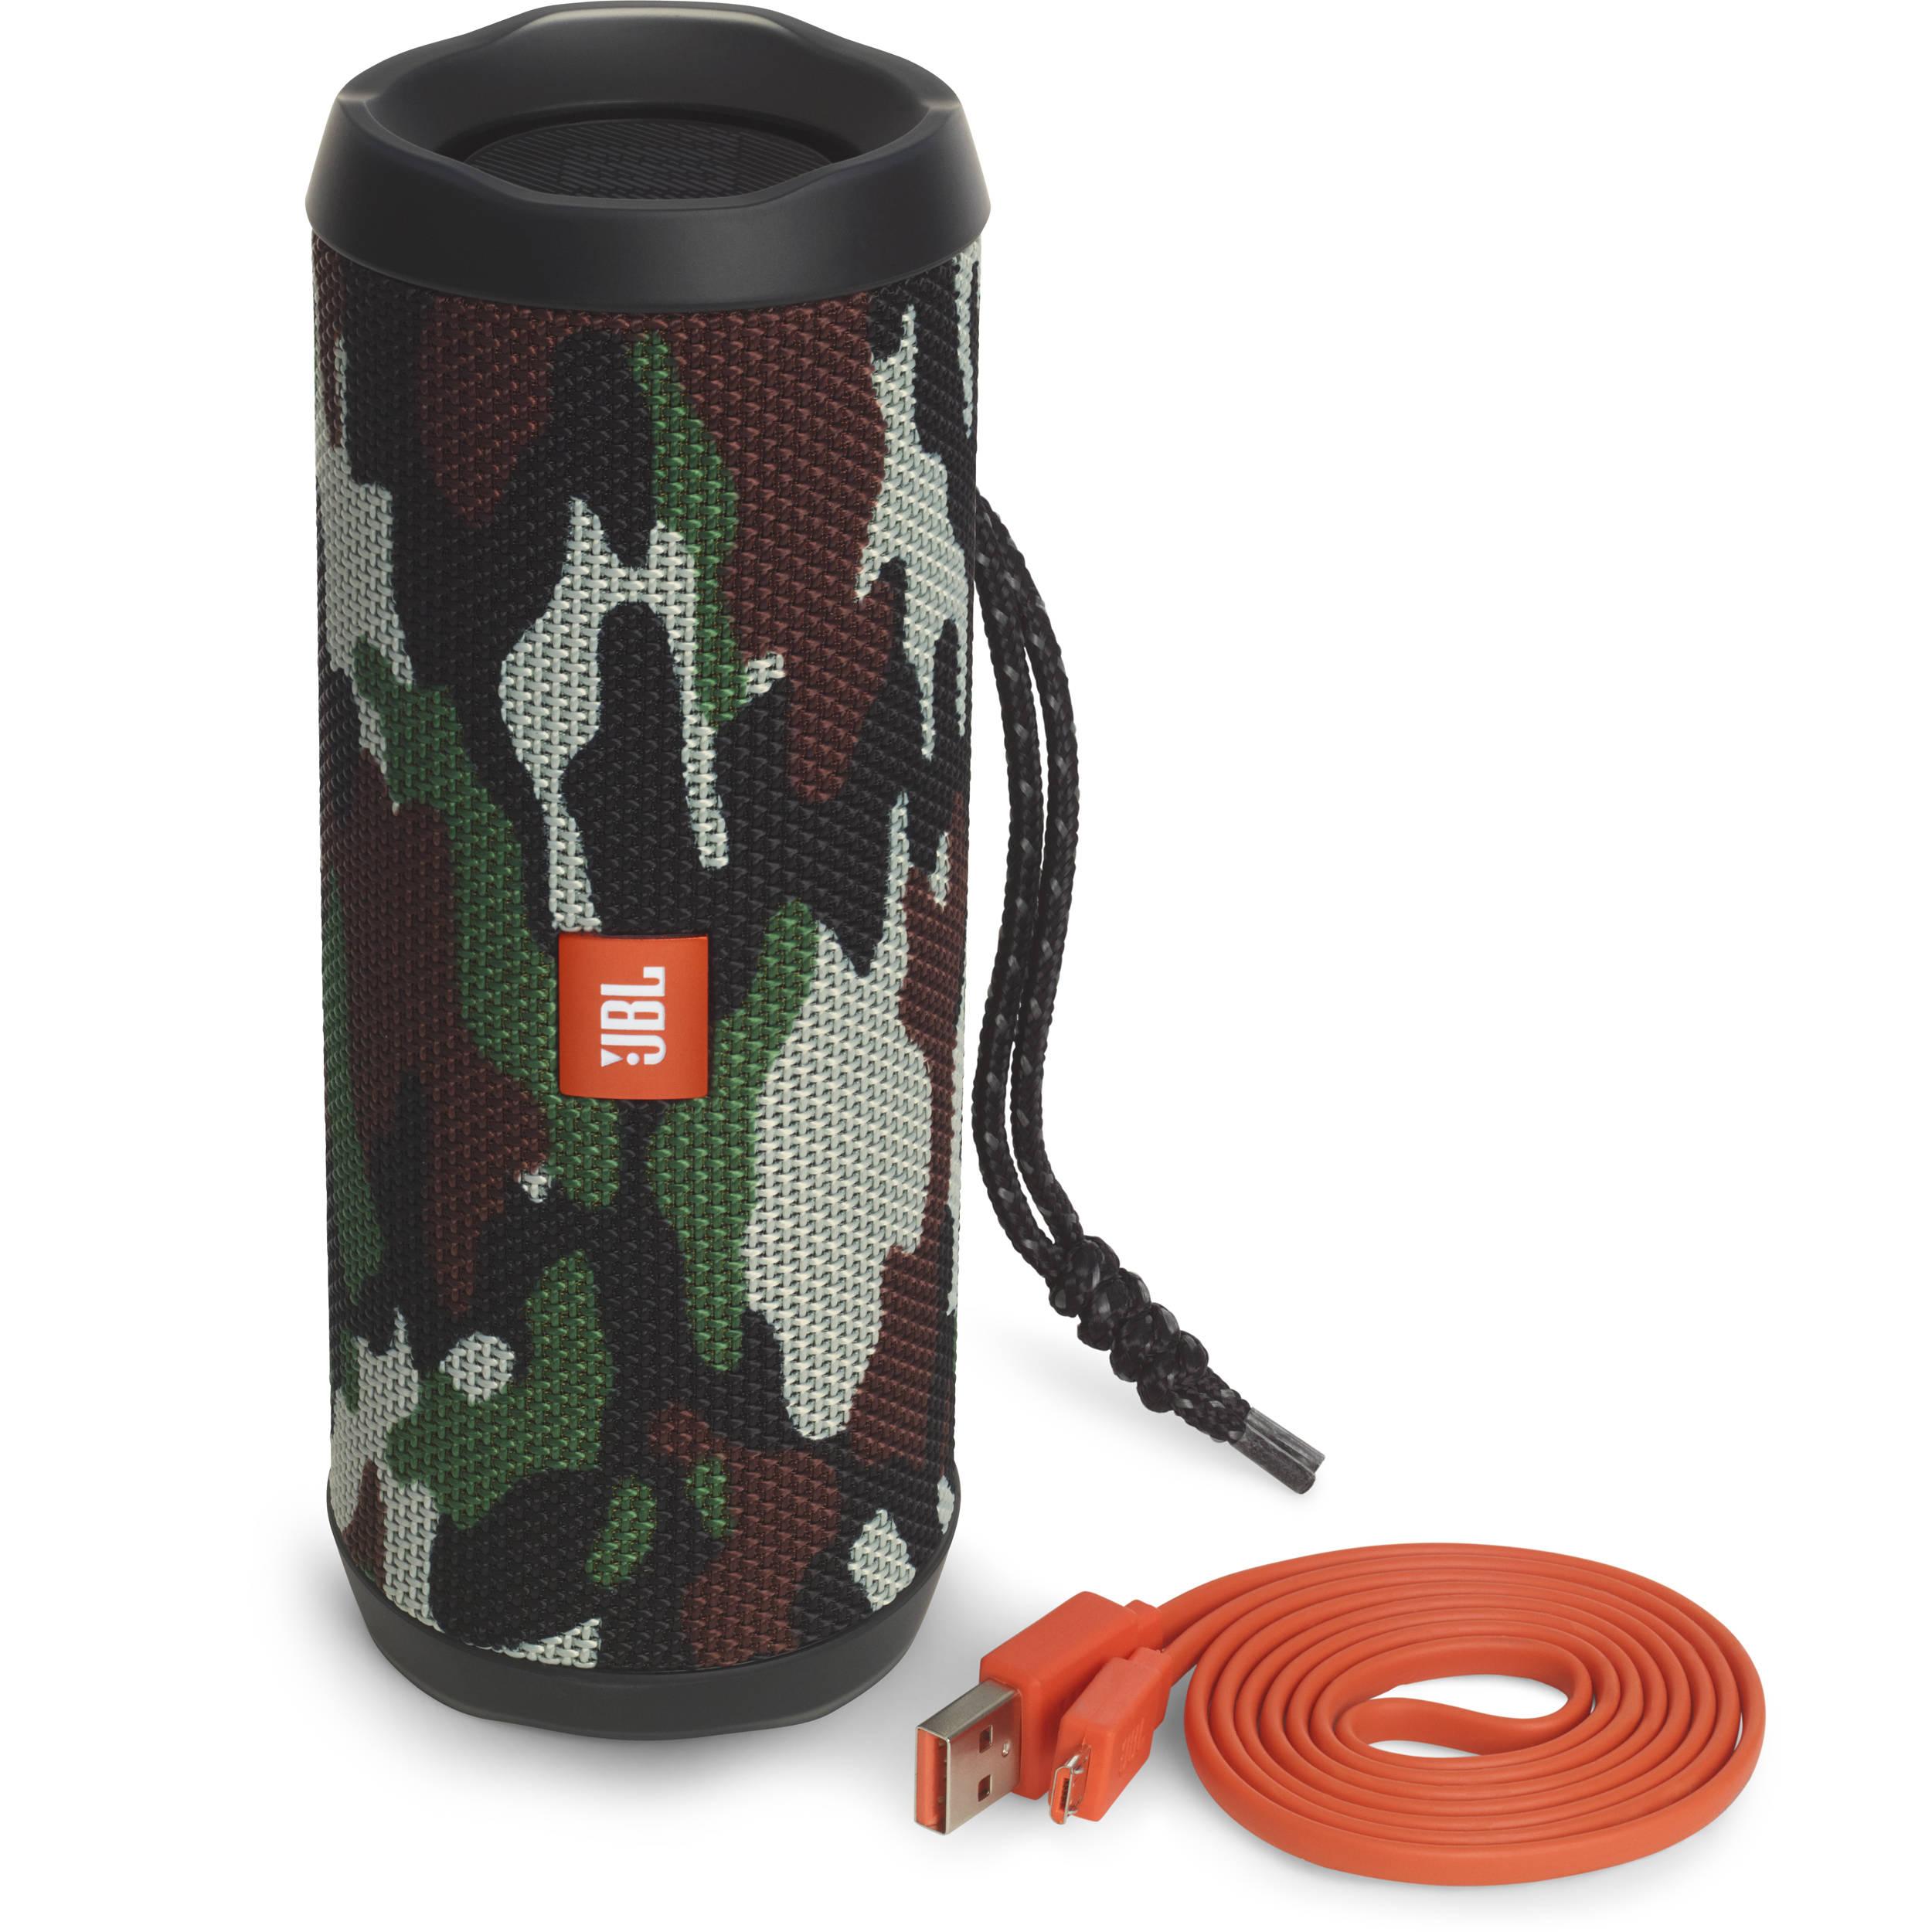 JBL Flip 4 Waterproof Bluetooth Wireless Portable Stereo Speaker